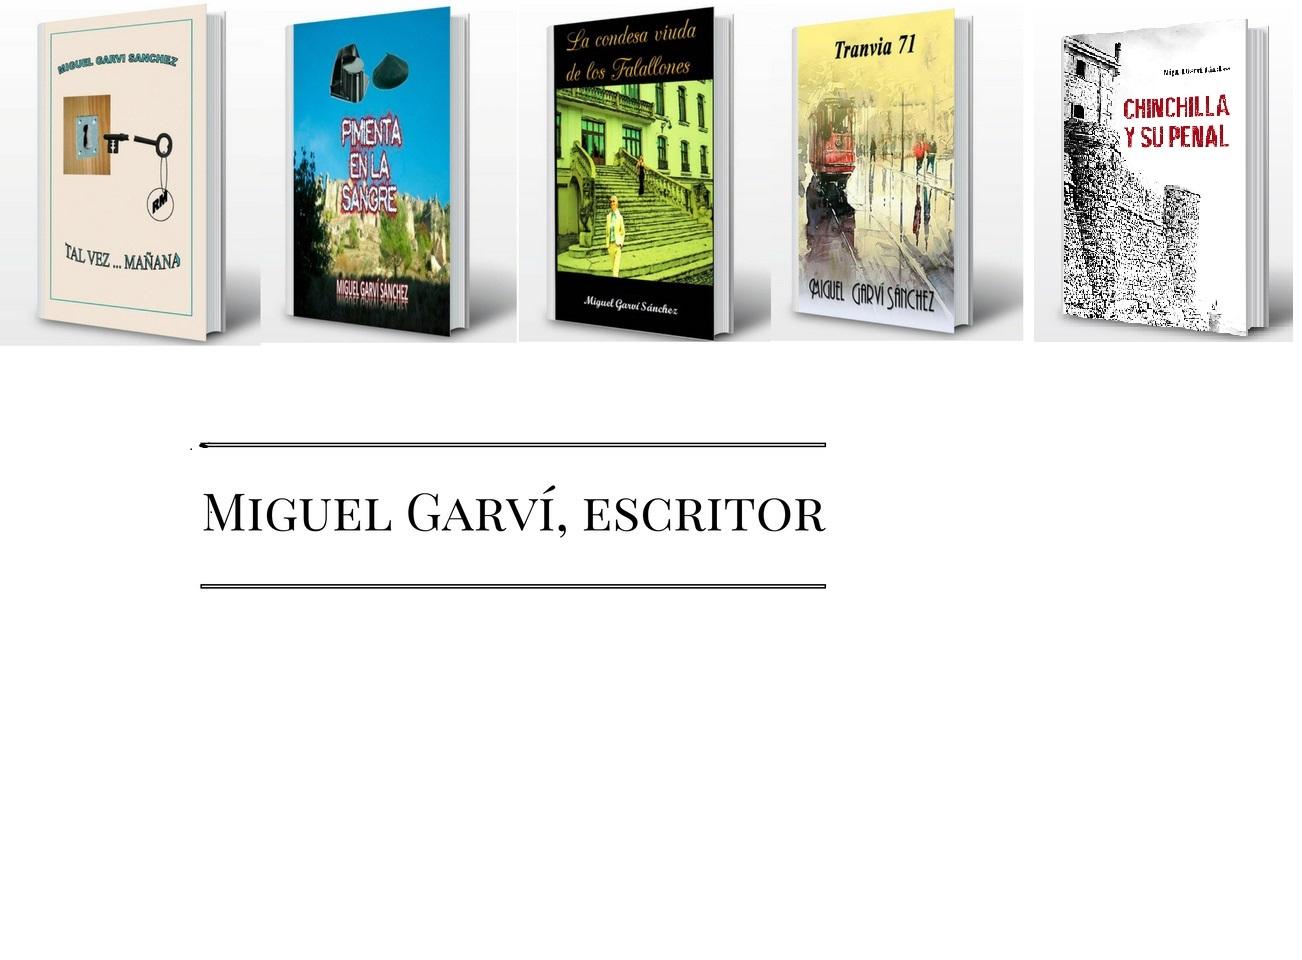 Miguel Garví, escritor